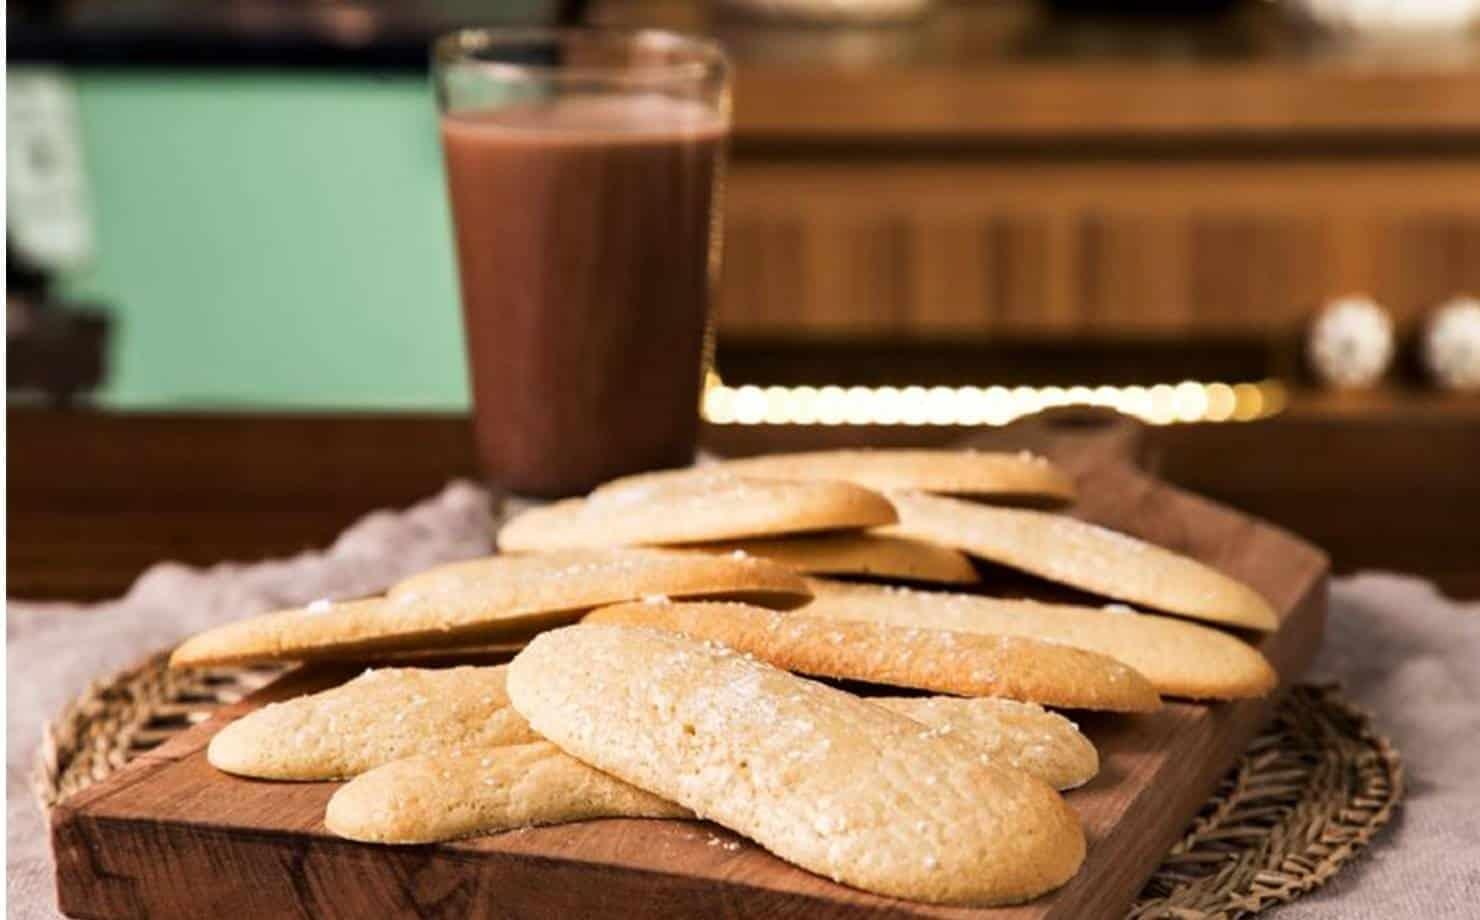 Biscoitos e Copo de Chocolate Quente na Mesa